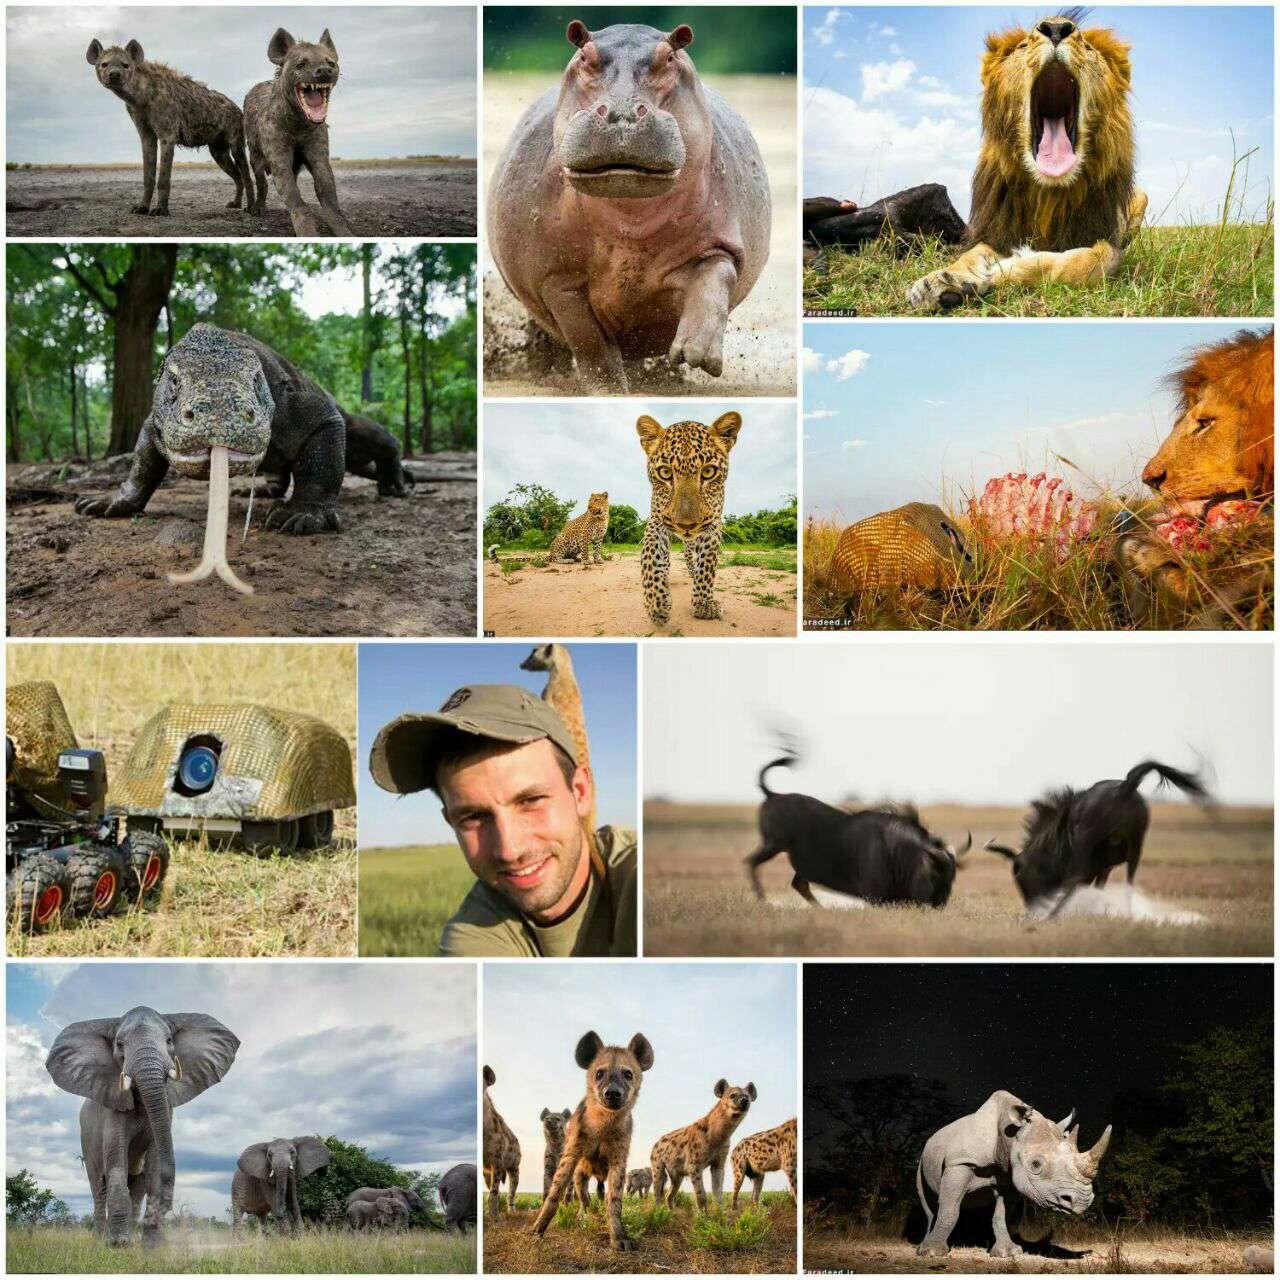 عکس مستند/ حیات وحش از زاویهای متفاوت